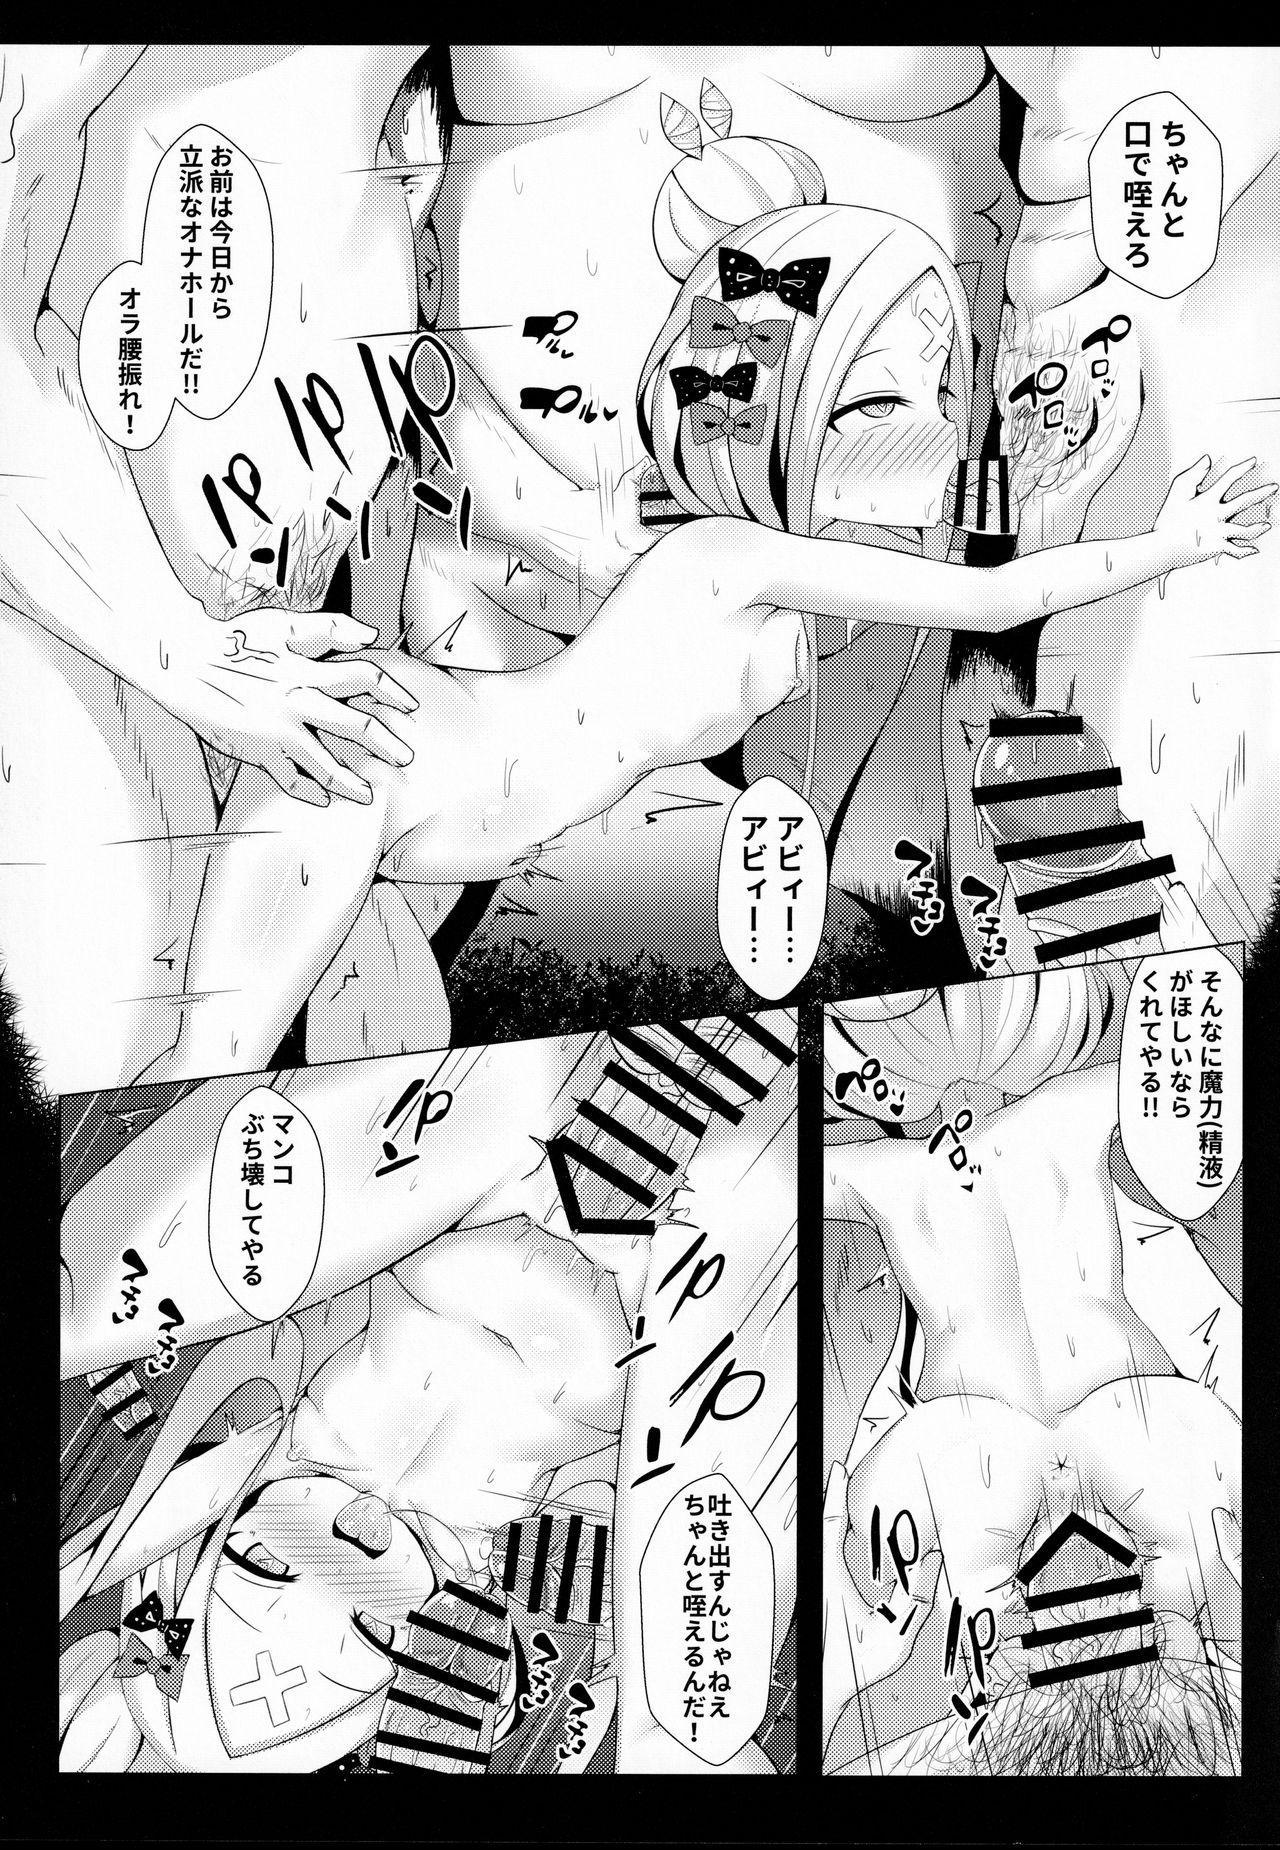 Hyoushi ni Ippai Condom o Kaiteiru kedo Nakami ni wa Condom ga Nai Abigail no Usui Hon 15